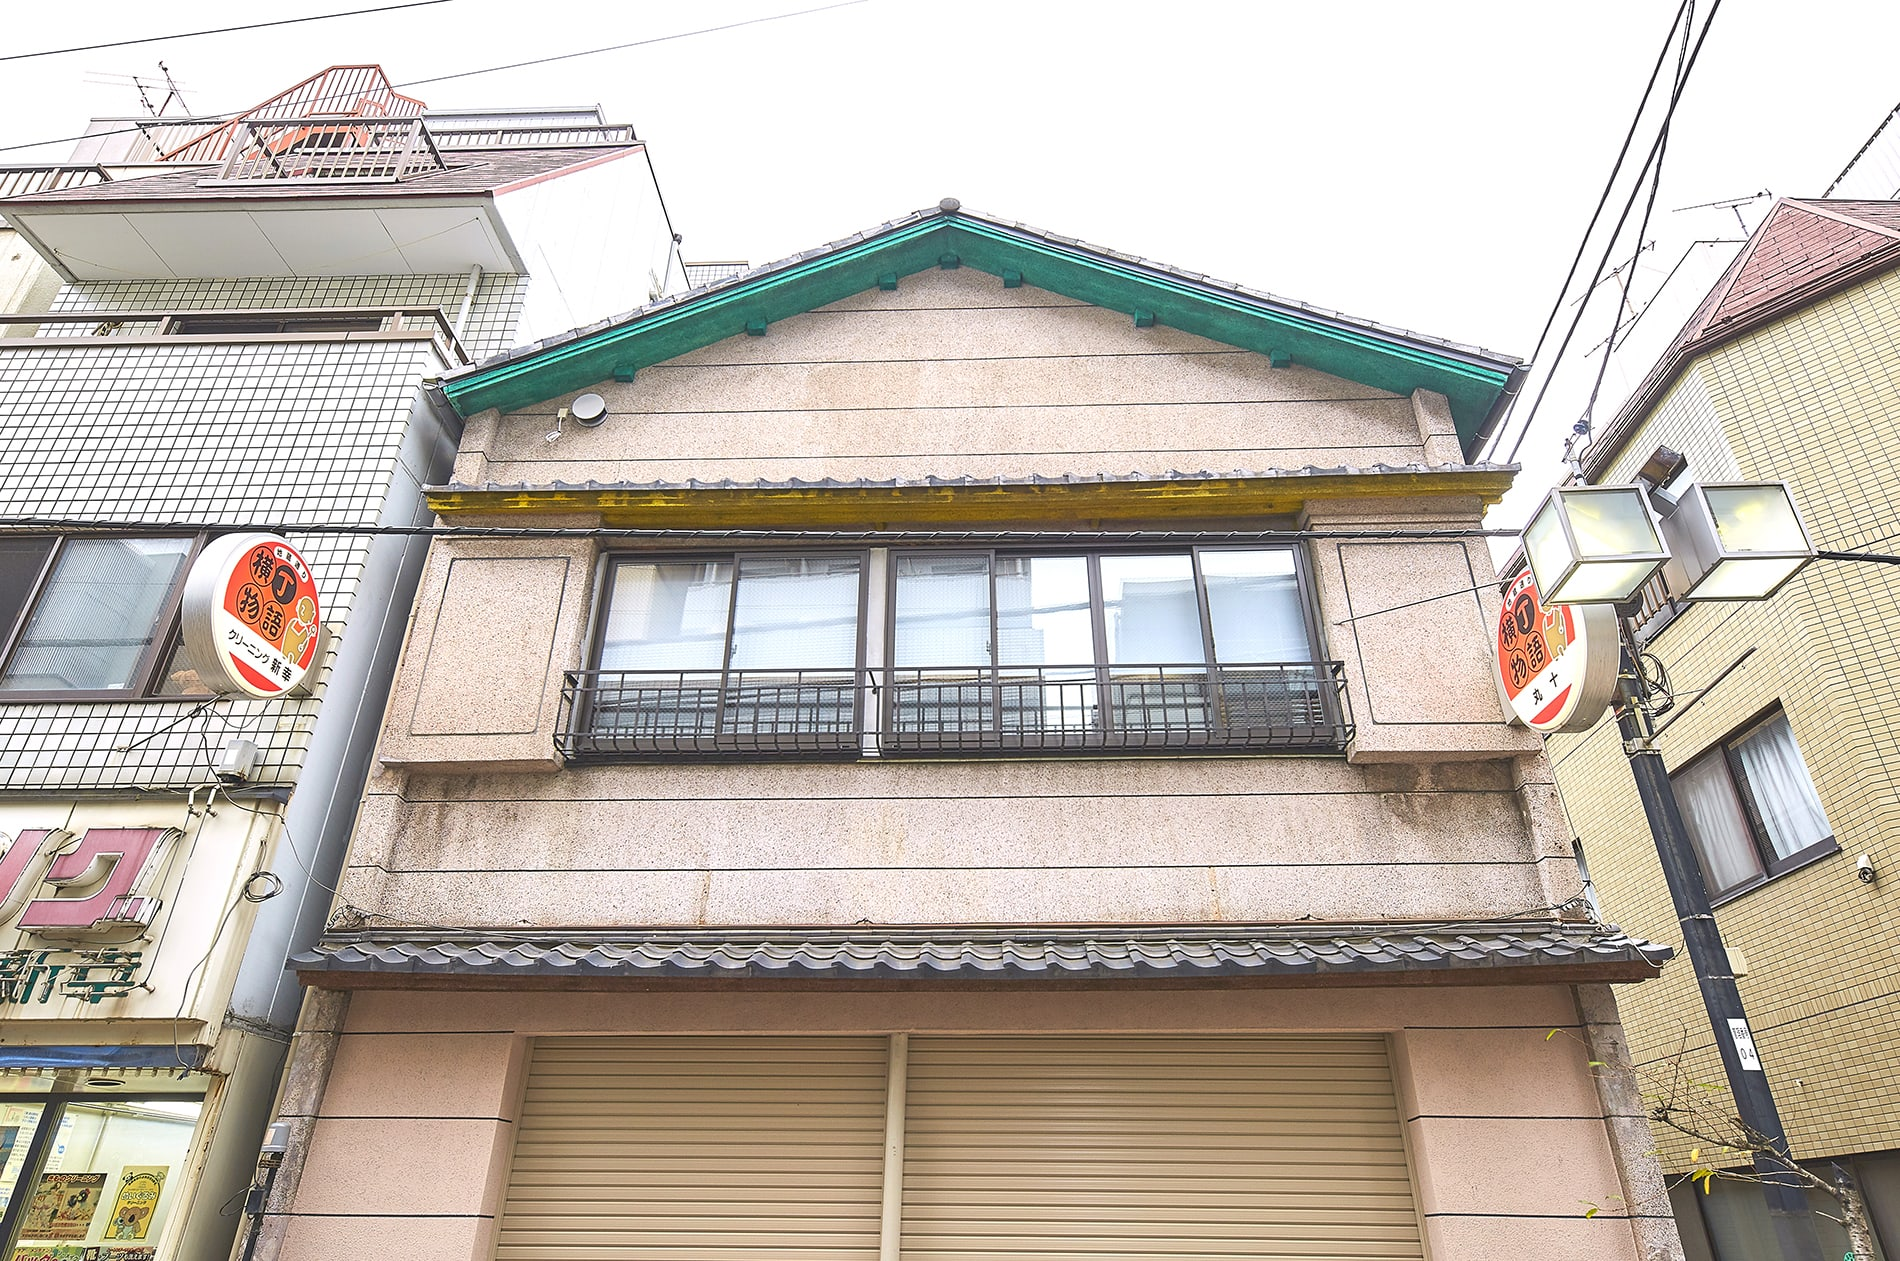 小日向31番地 / 江戸川橋 01 ミナトジムショ